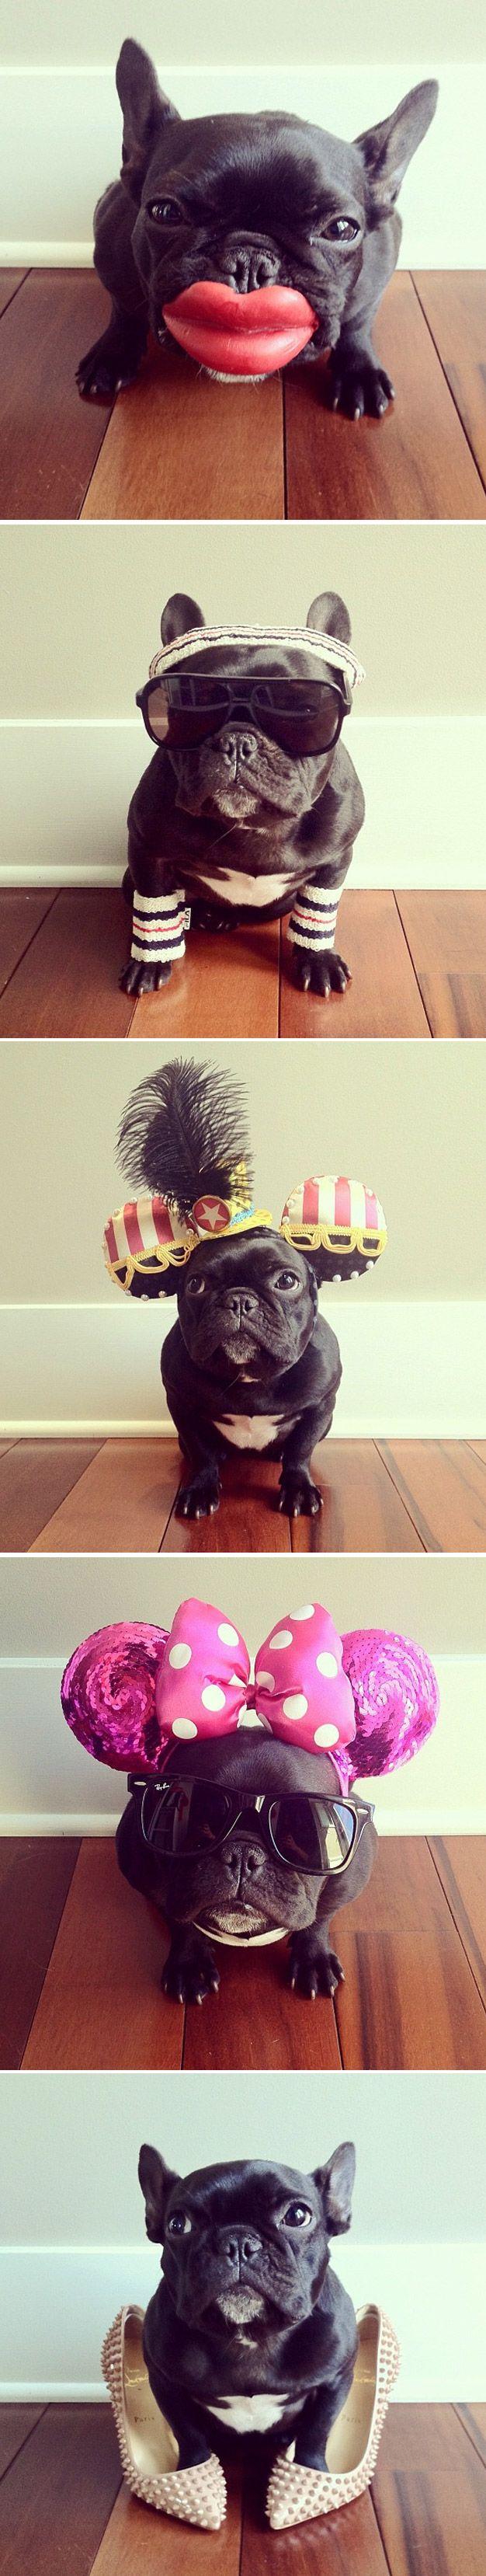 Sonya Yu, passou a publicar no seu Instagram fotos do seu cãozinho Trotter, um adorável bulldog francês de um ano de idade, com os mais diversos e divertidos looks imagináveis.